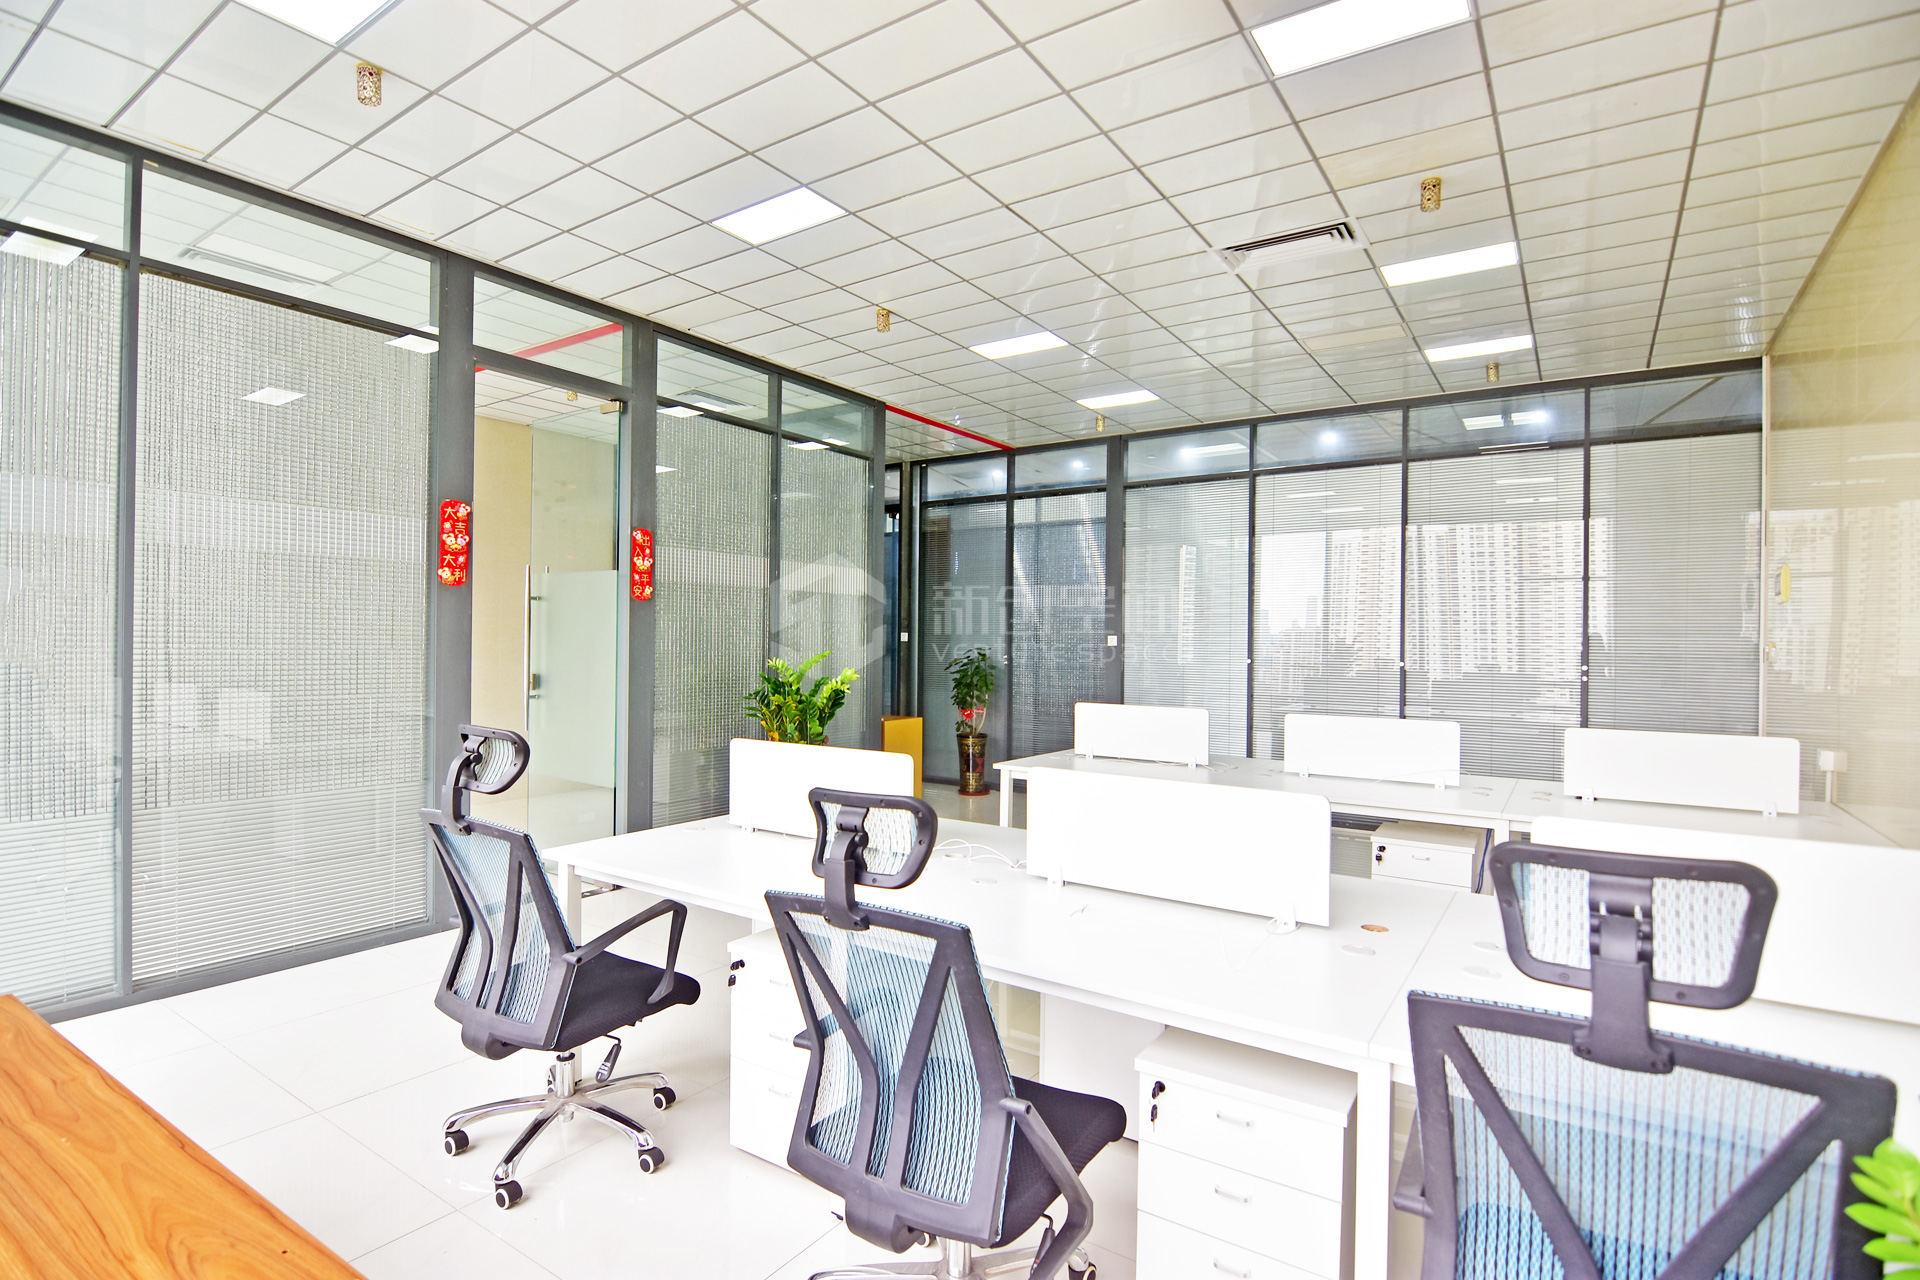 智慧广场177m²办公室出租15222元/月